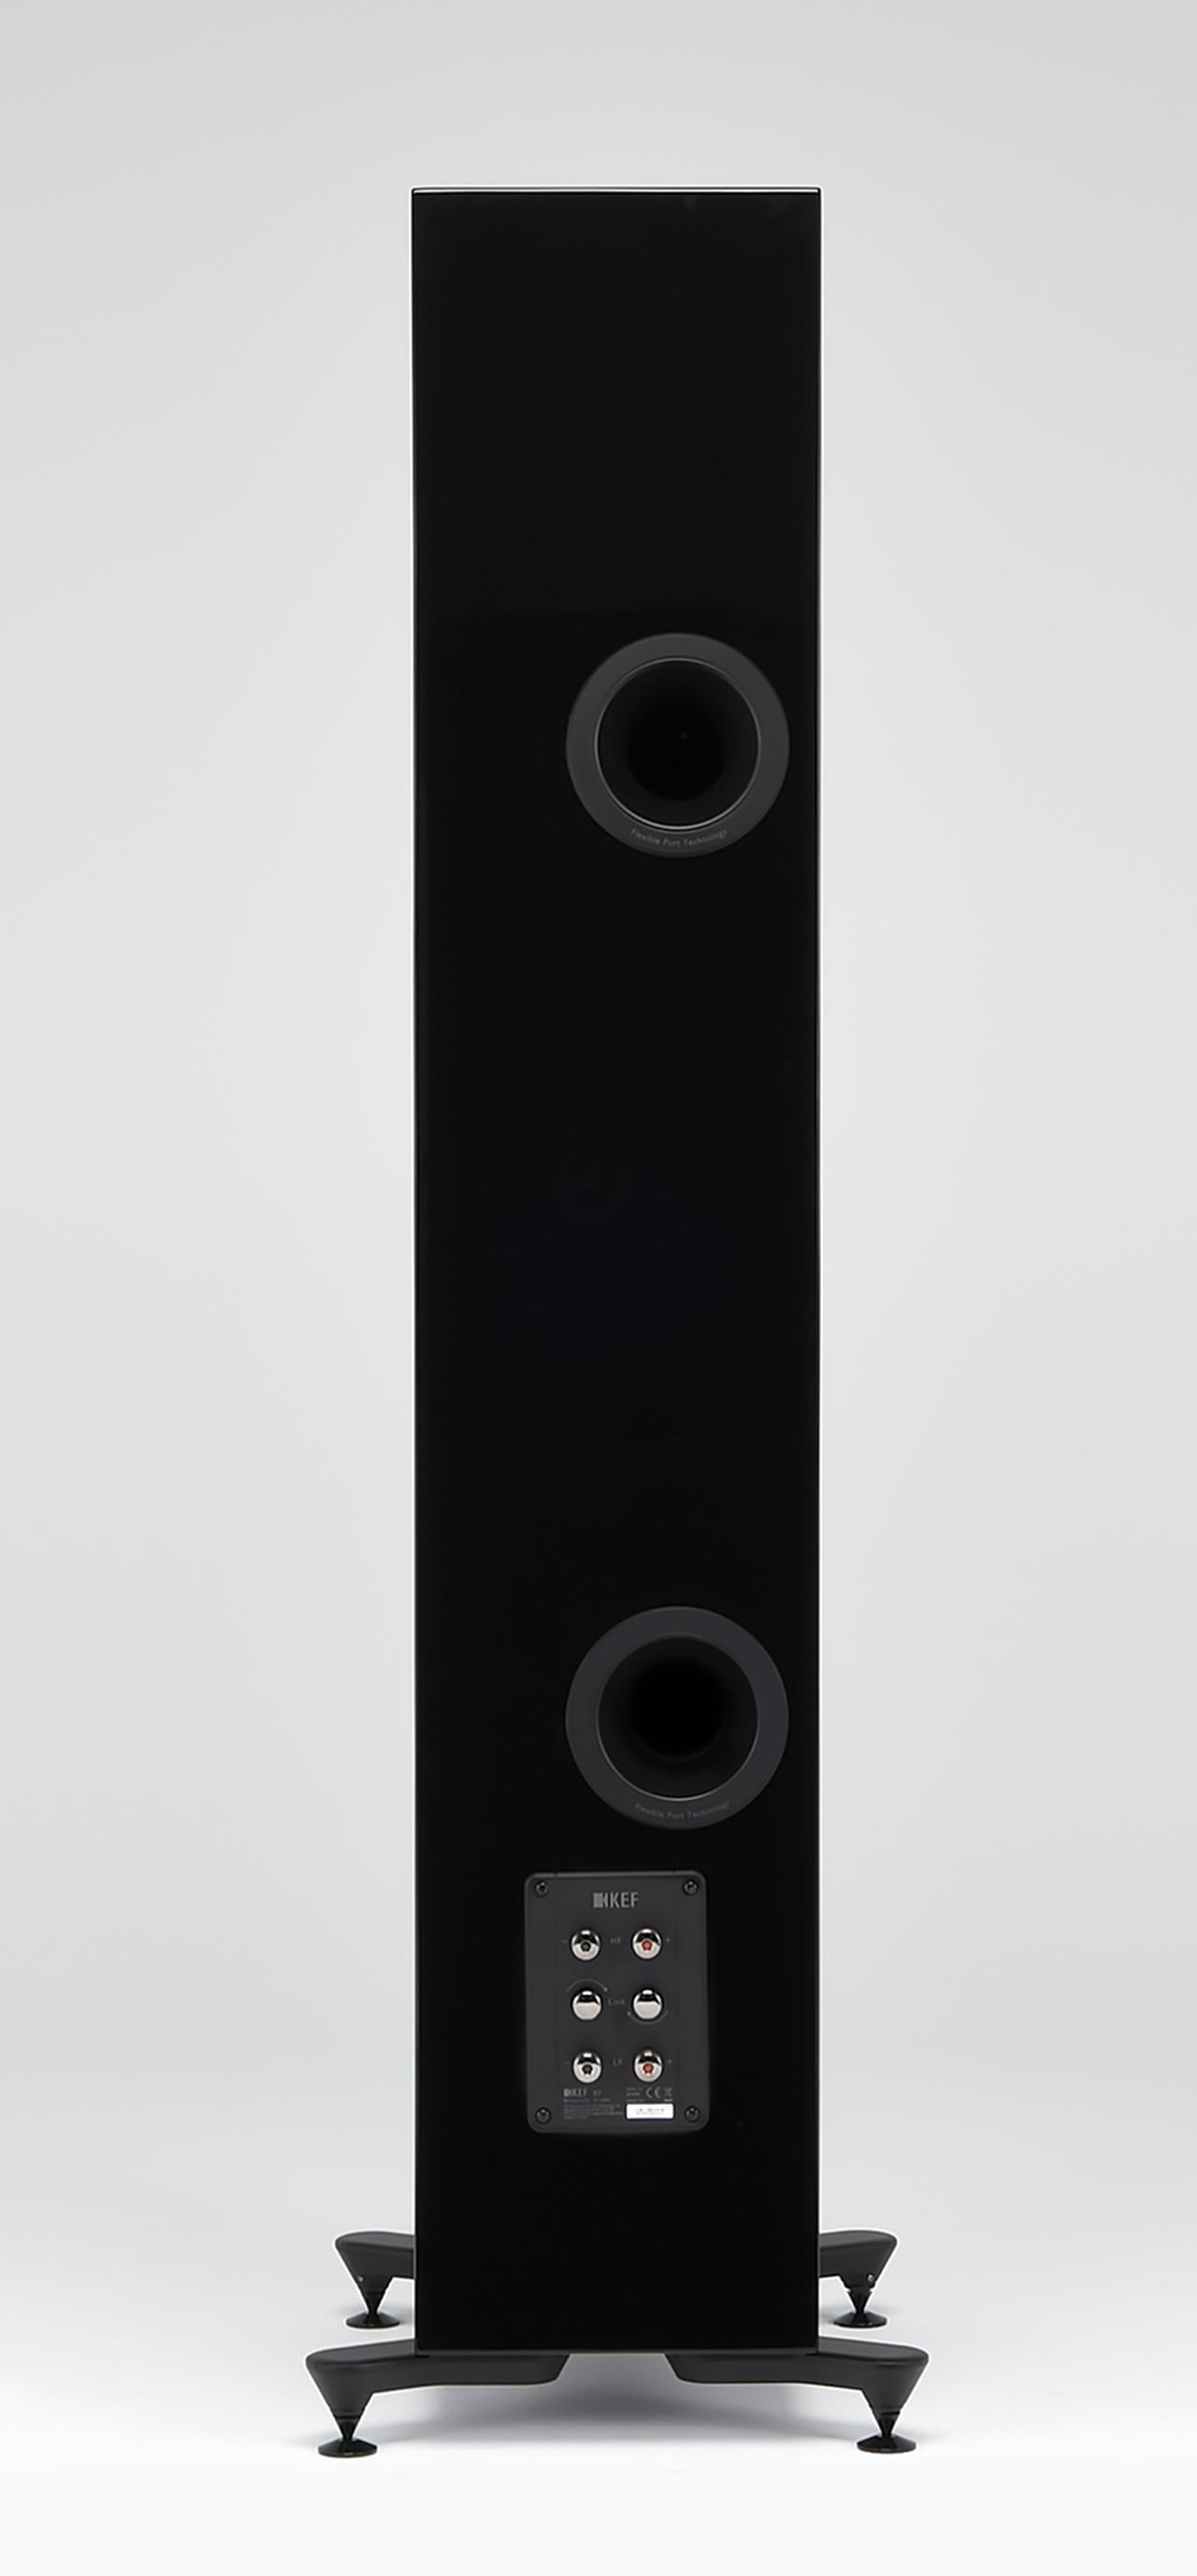 画像: ←スピーカー端子は、今回紹介の5モデルすべてバイワイヤリング対応になっている。上下端子の間についているレバーを左右に回すことで、シングル接続かバイワイヤリング接続を選べる仕組みだ